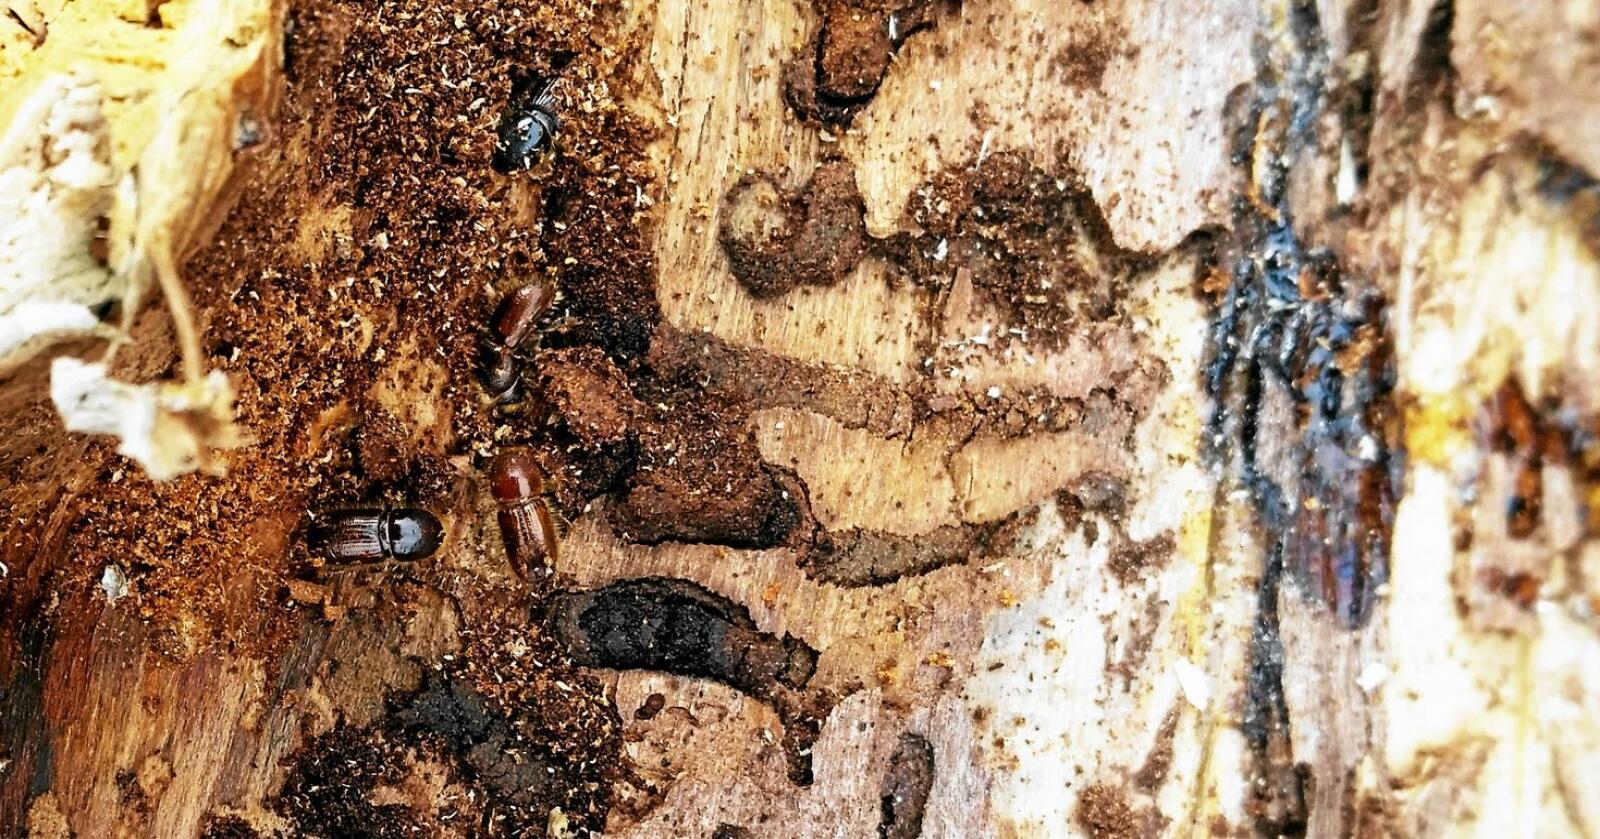 Stor skade: Barkbiller kan gjøre stor skade på skog. Her fra barkbilleovervåking i Trøndelag 2016. Foto: Reidun Gomo / Nibio